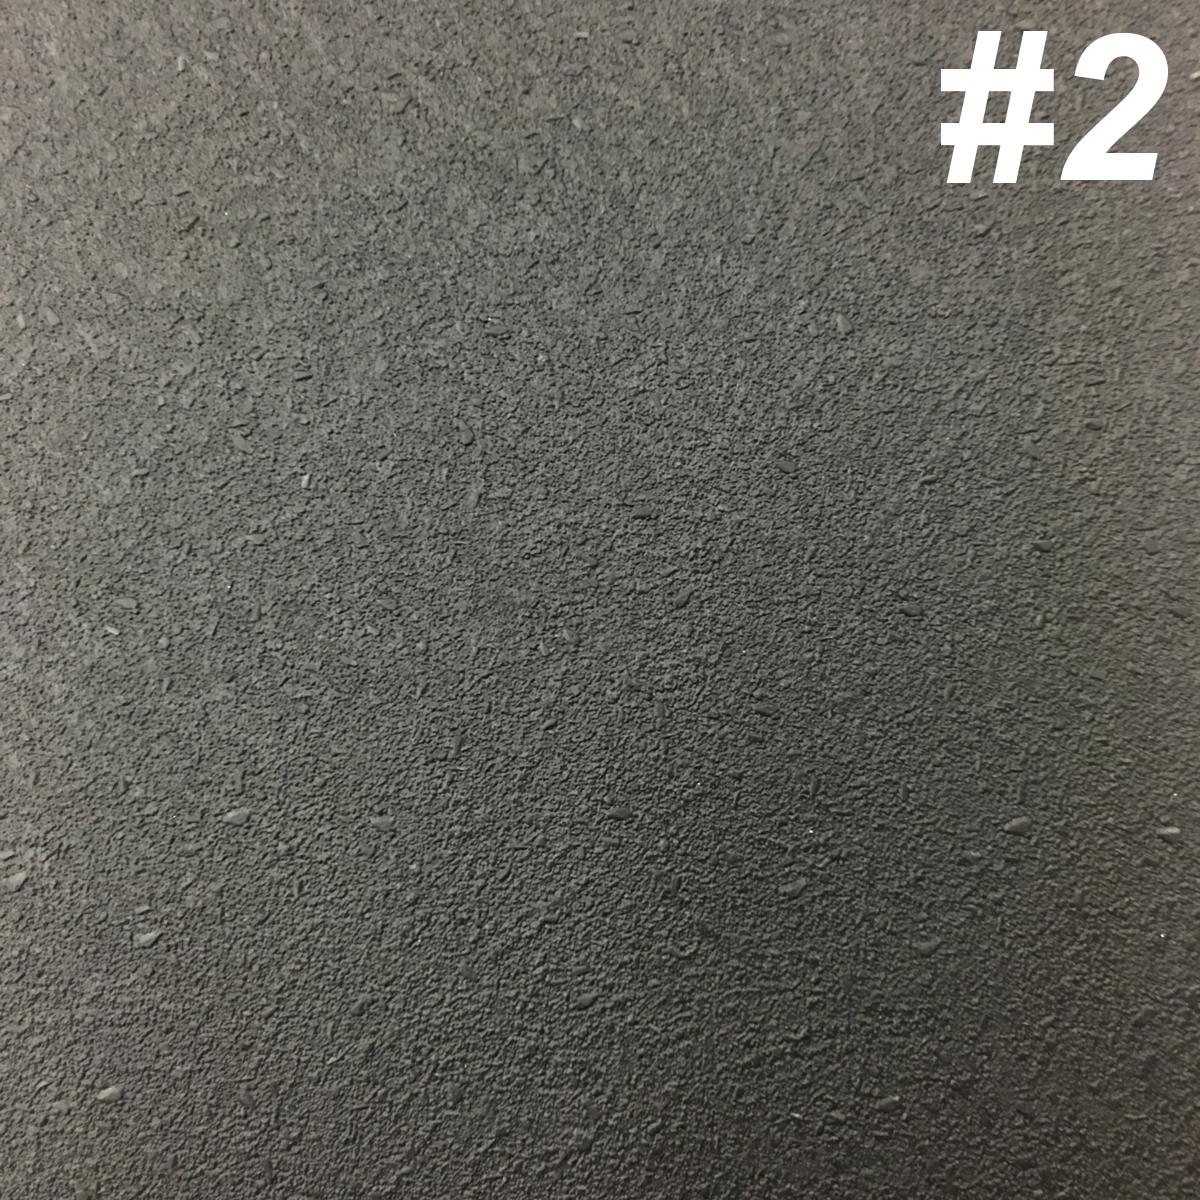 【黒部屋シリーズ】黒色壁紙クロス4種ブラックウォールペーパー_画像5